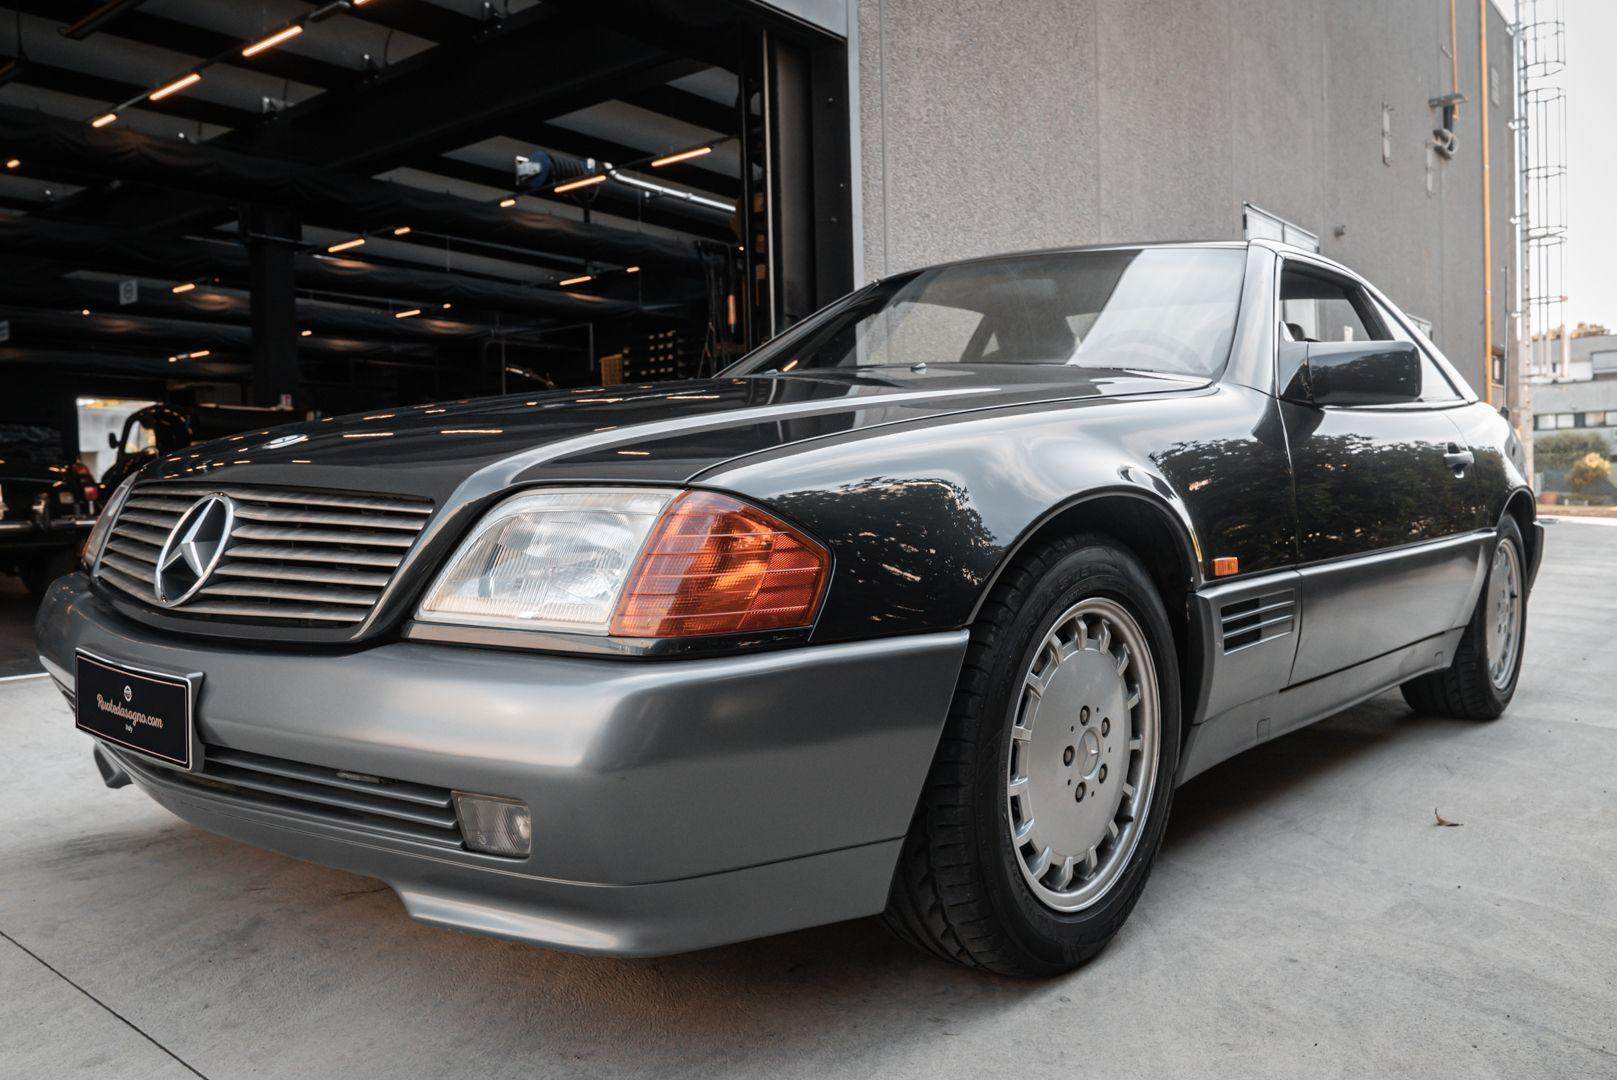 1992 Mercedes Benz 300 SL 24 V 80608